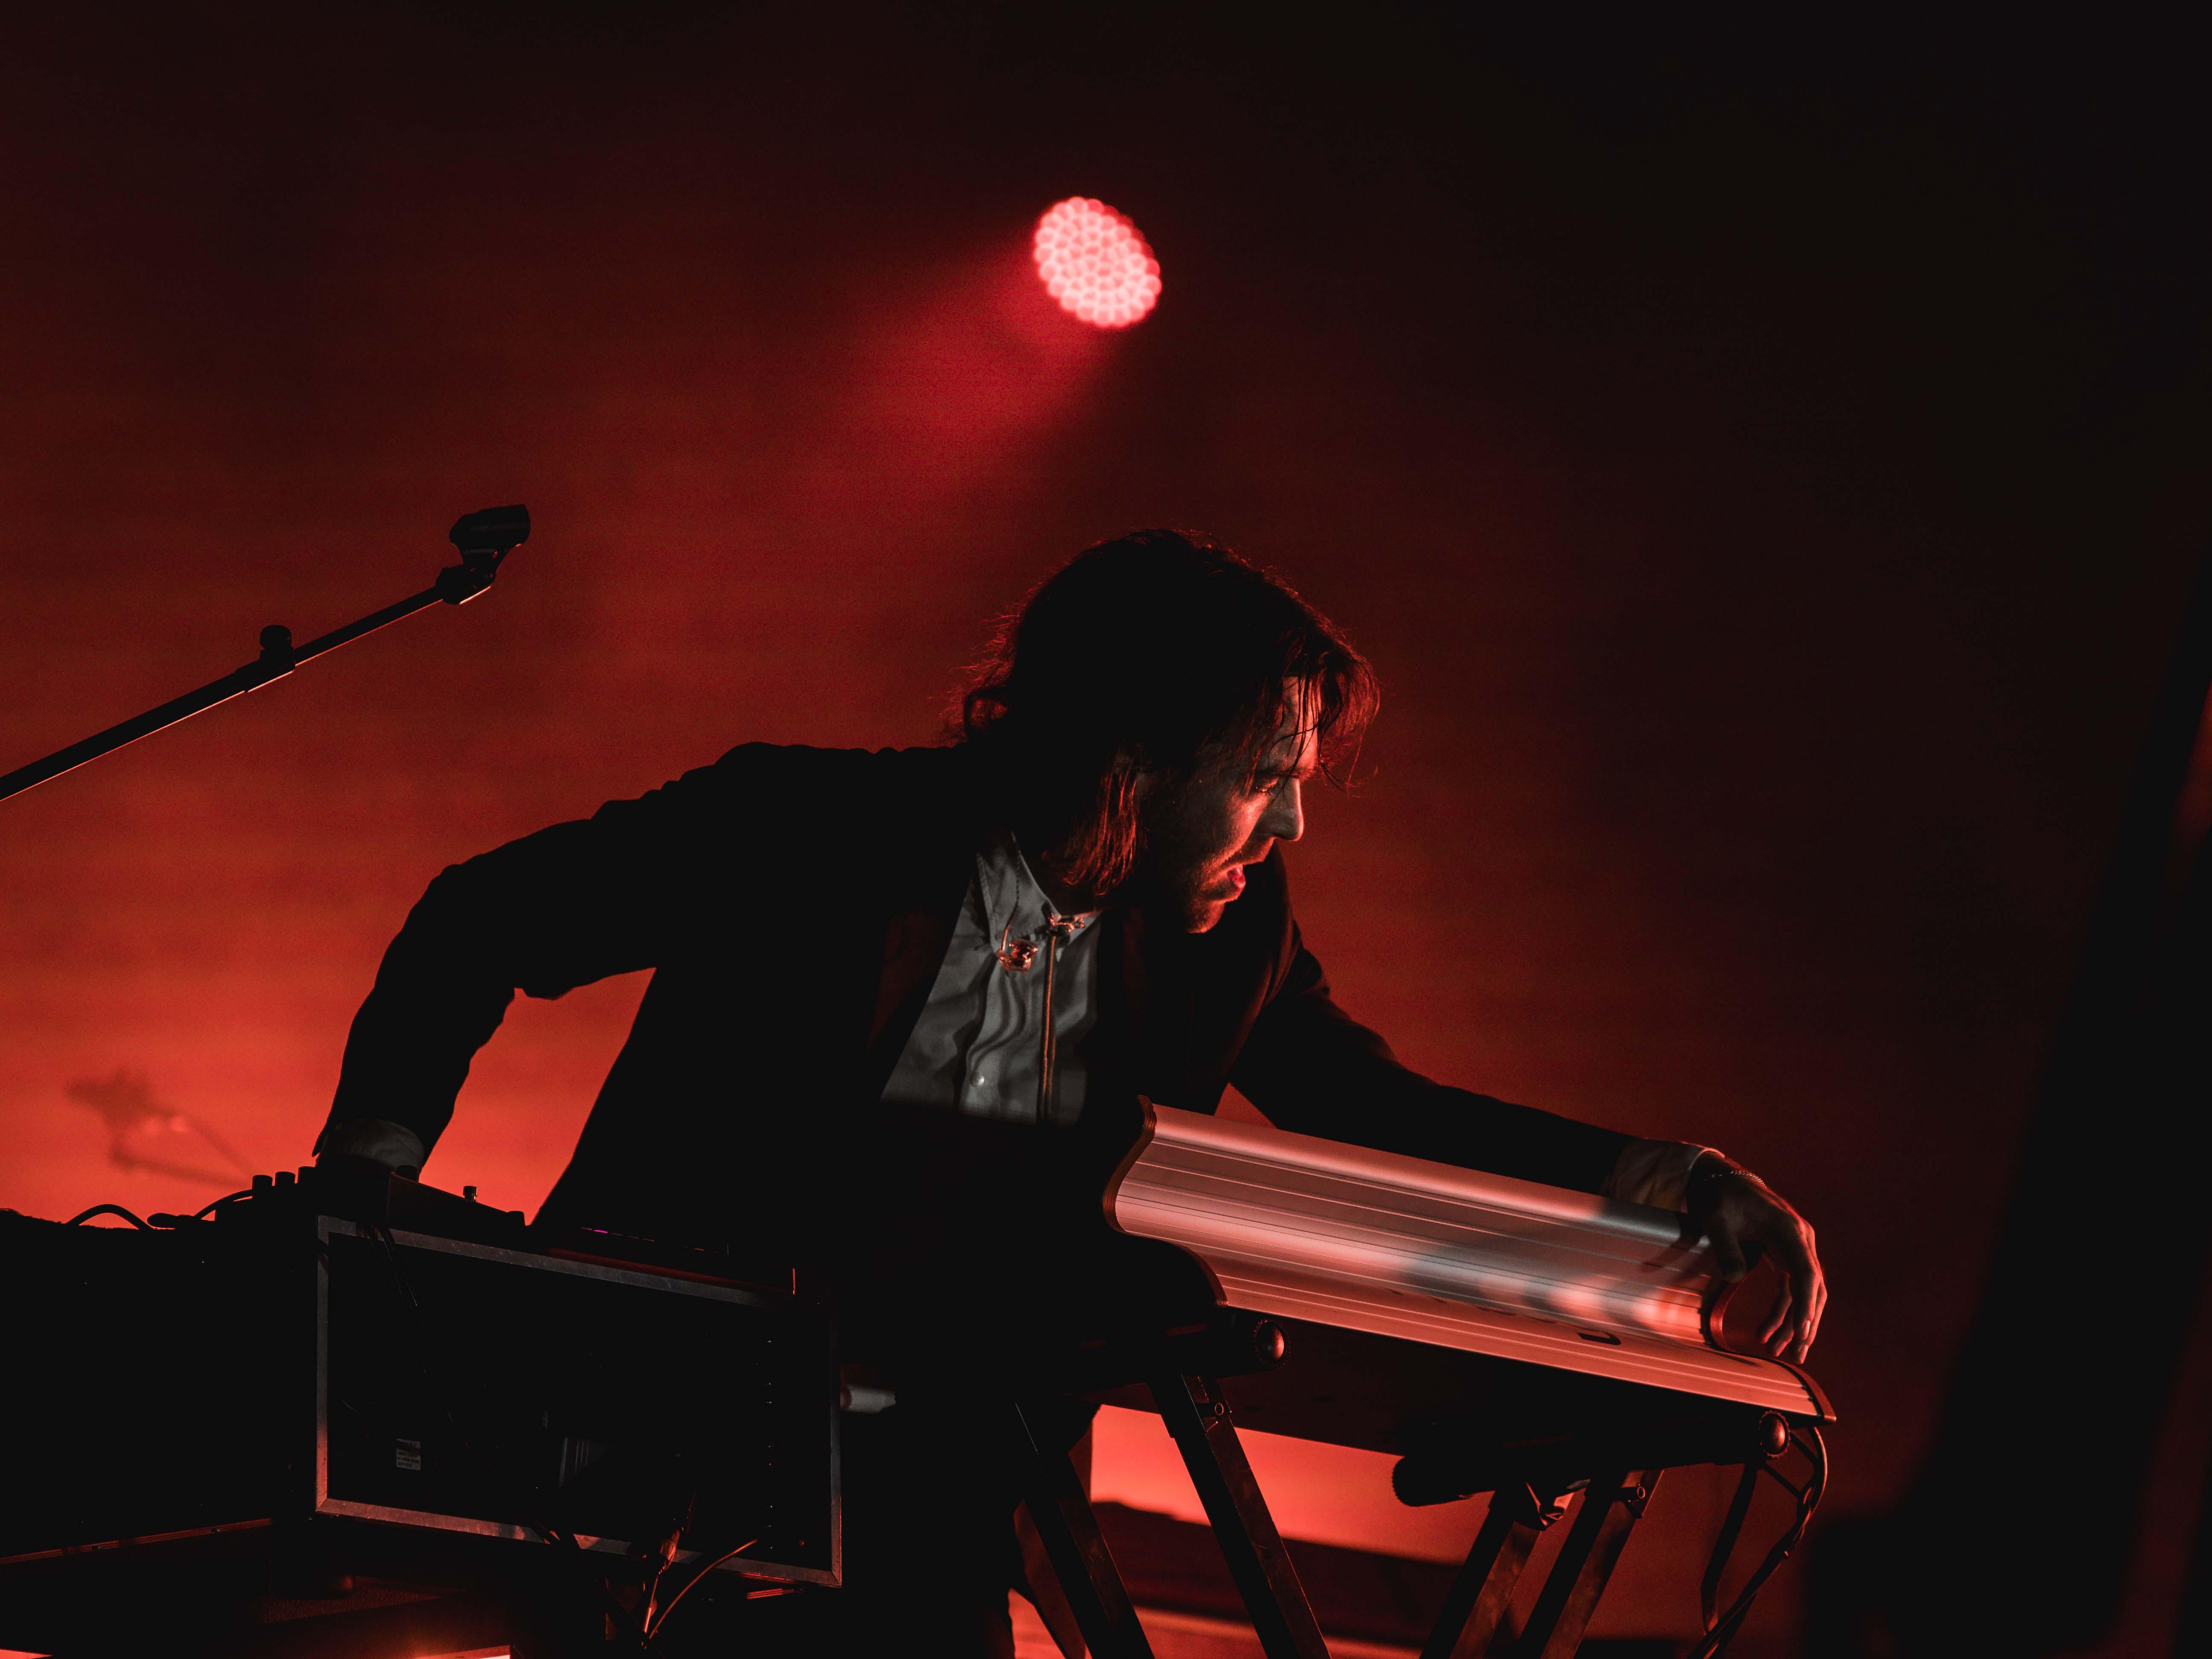 Chet Faker sokat támaszkodott a hangszerekre és a mikrofonra...És ezt most fizikálisan értem...